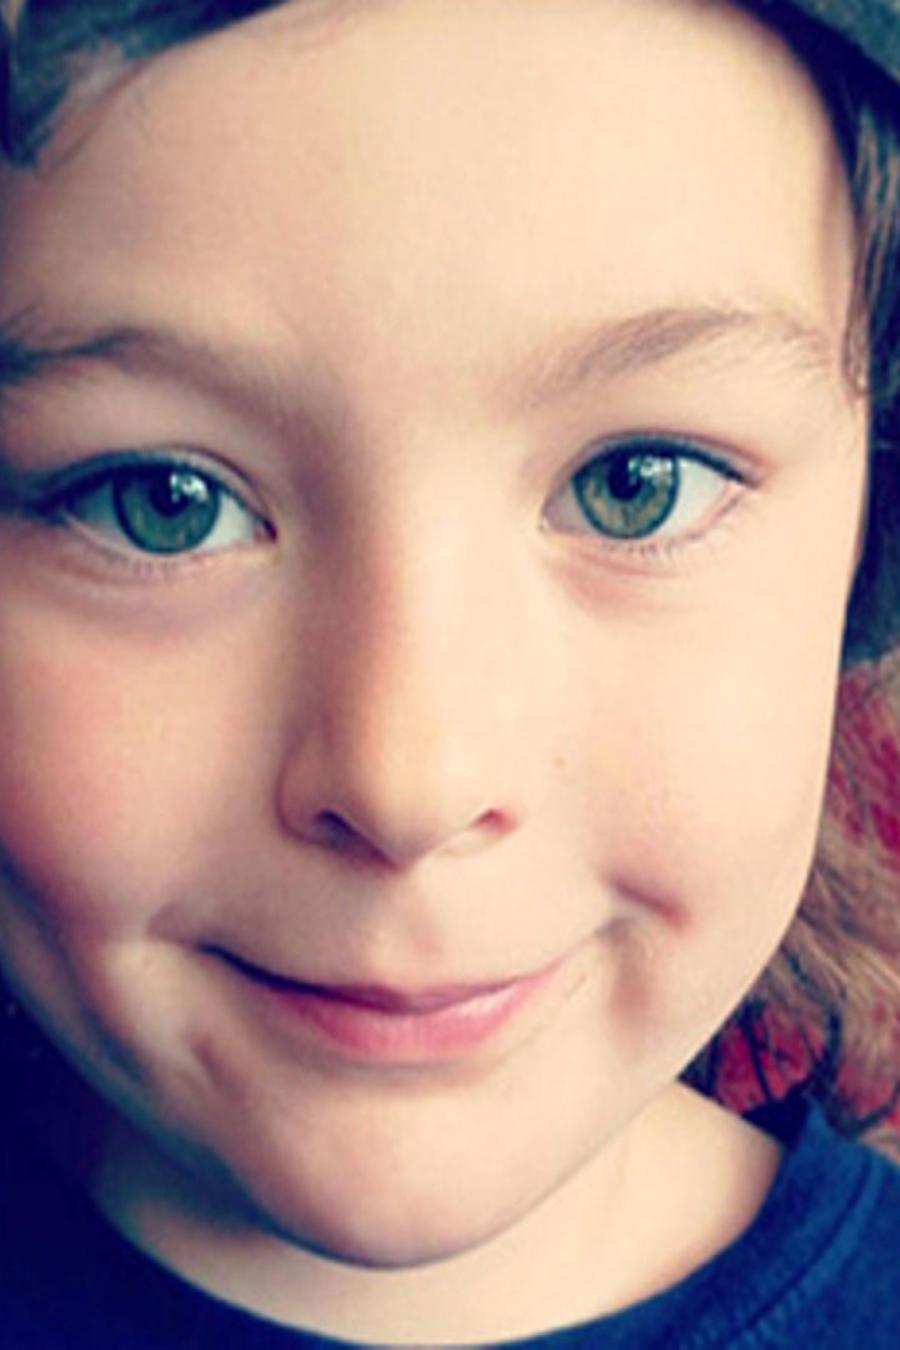 El extraño caso de la niña que nació sin sangre (VIDEO)